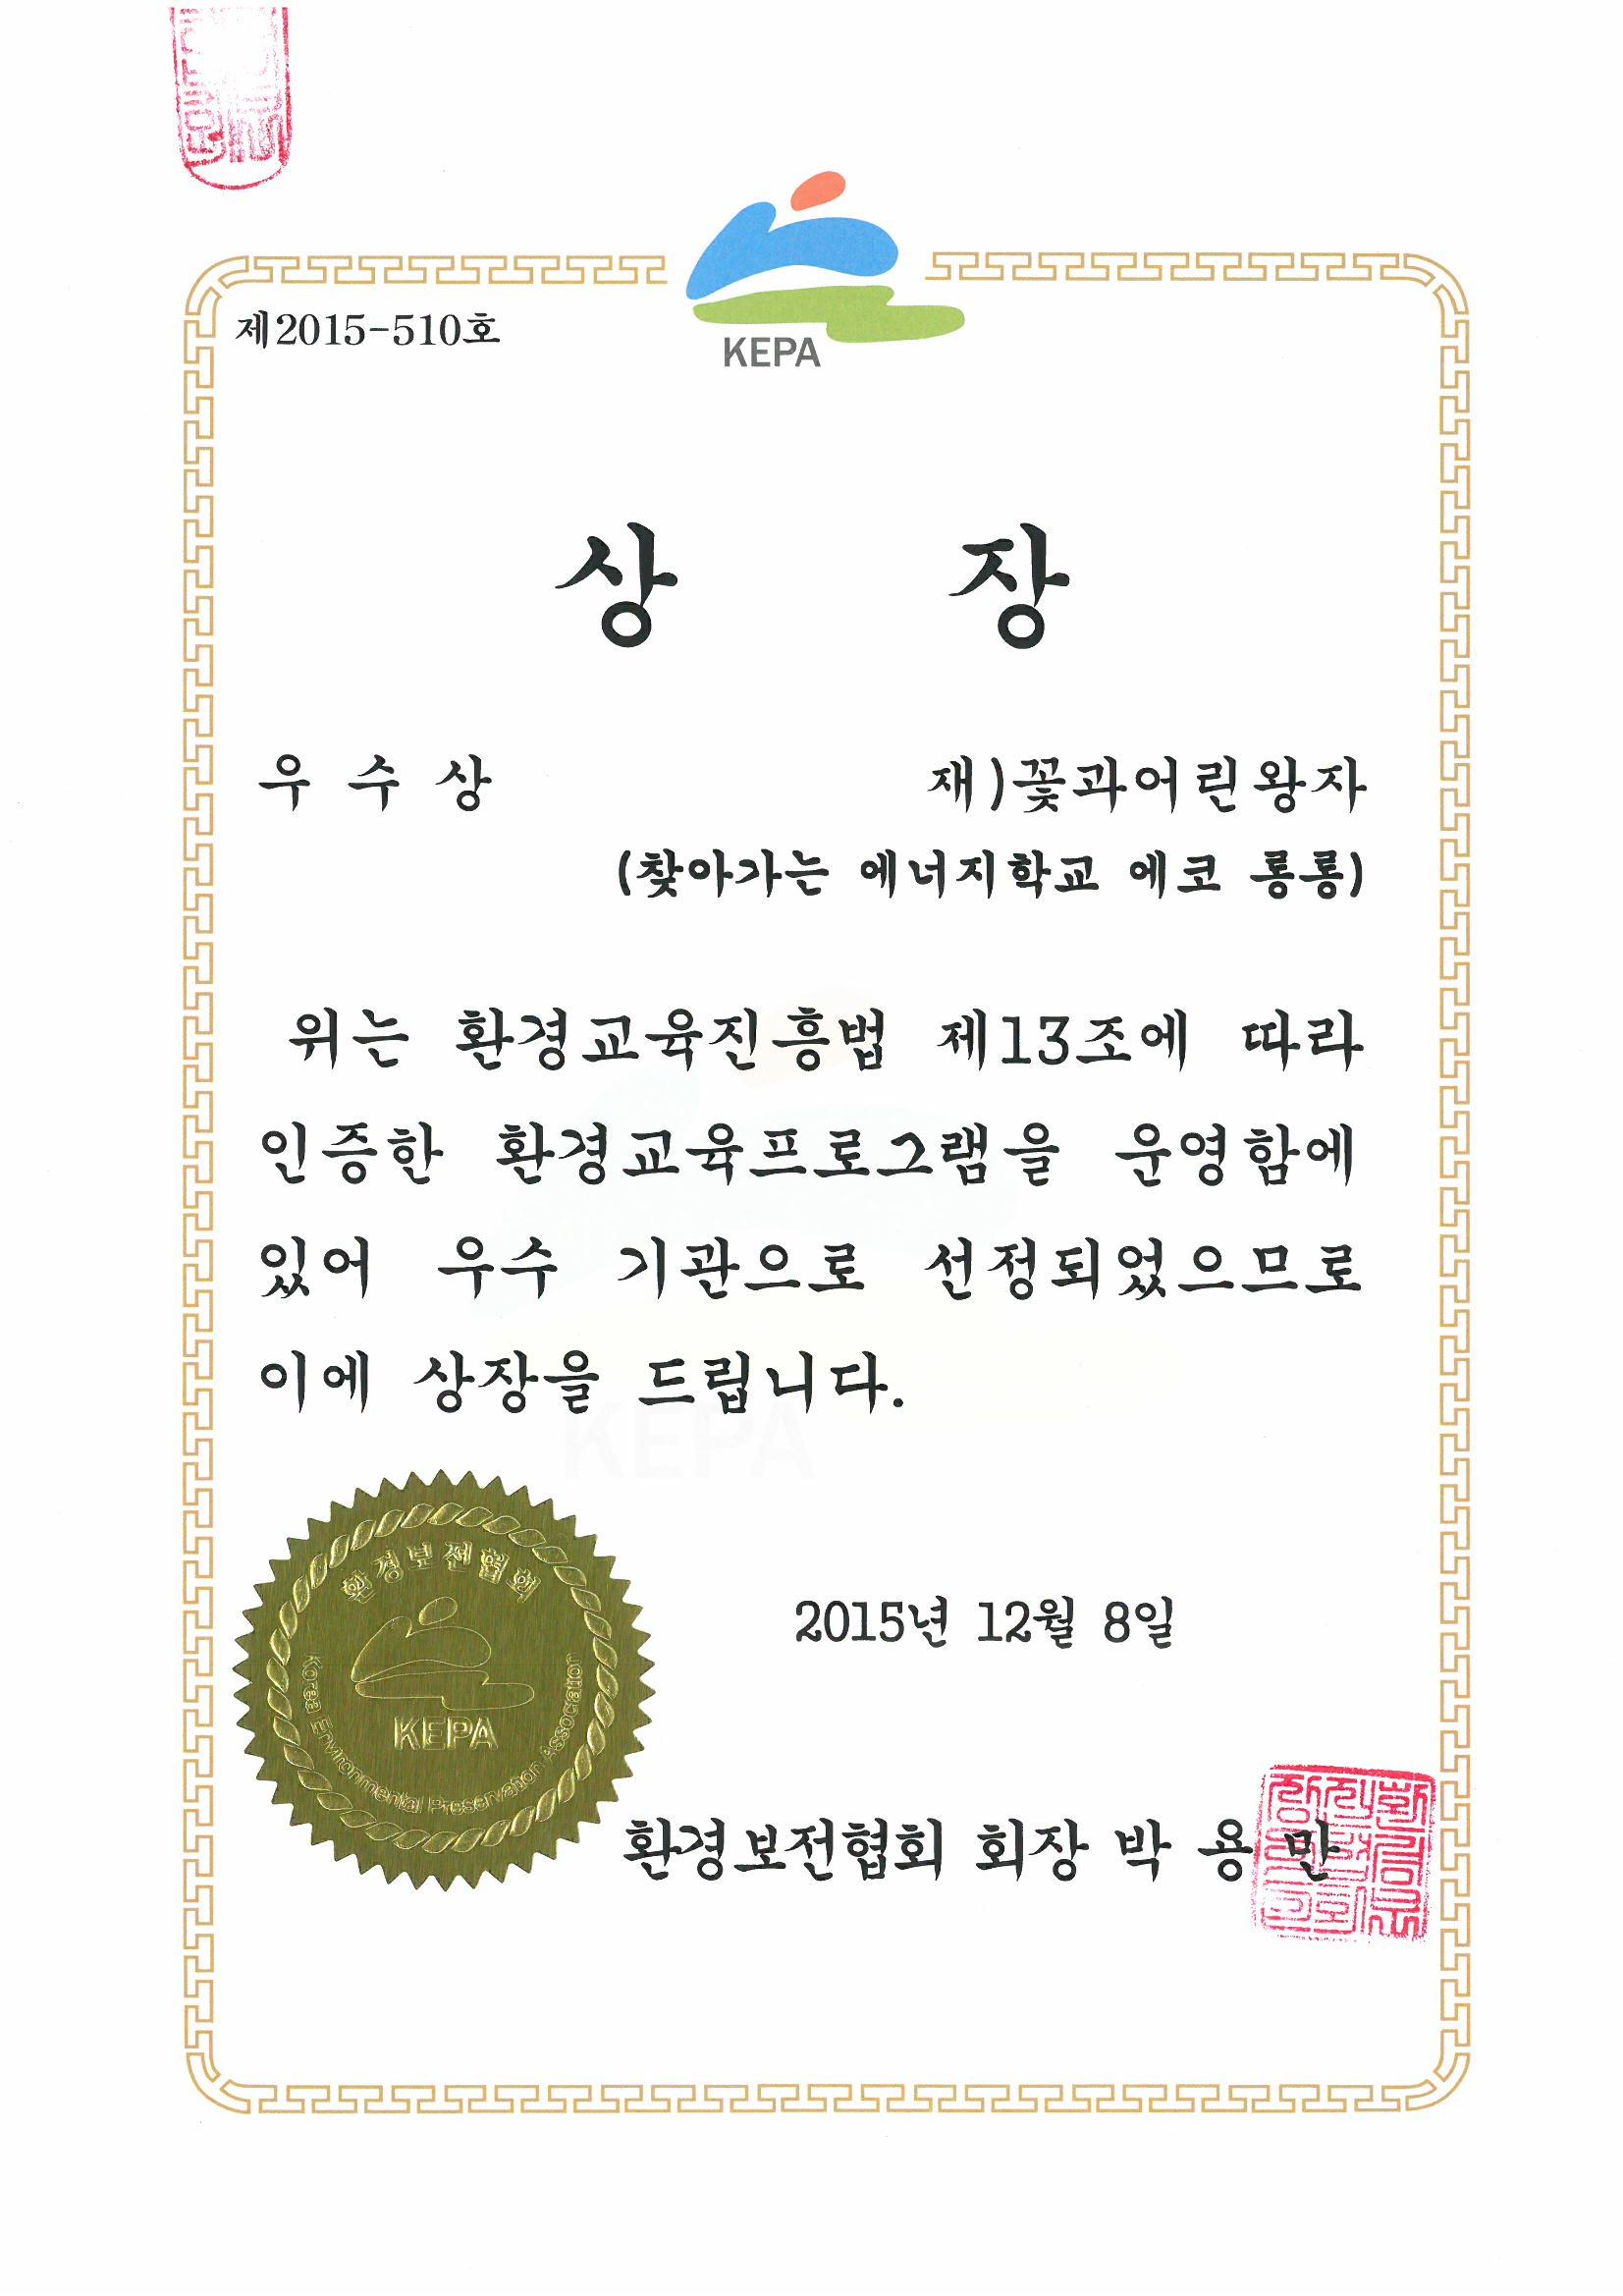 (재)꽃과어린왕자, 환경교육프로그램 우수기관으로 3년 연속 선정!